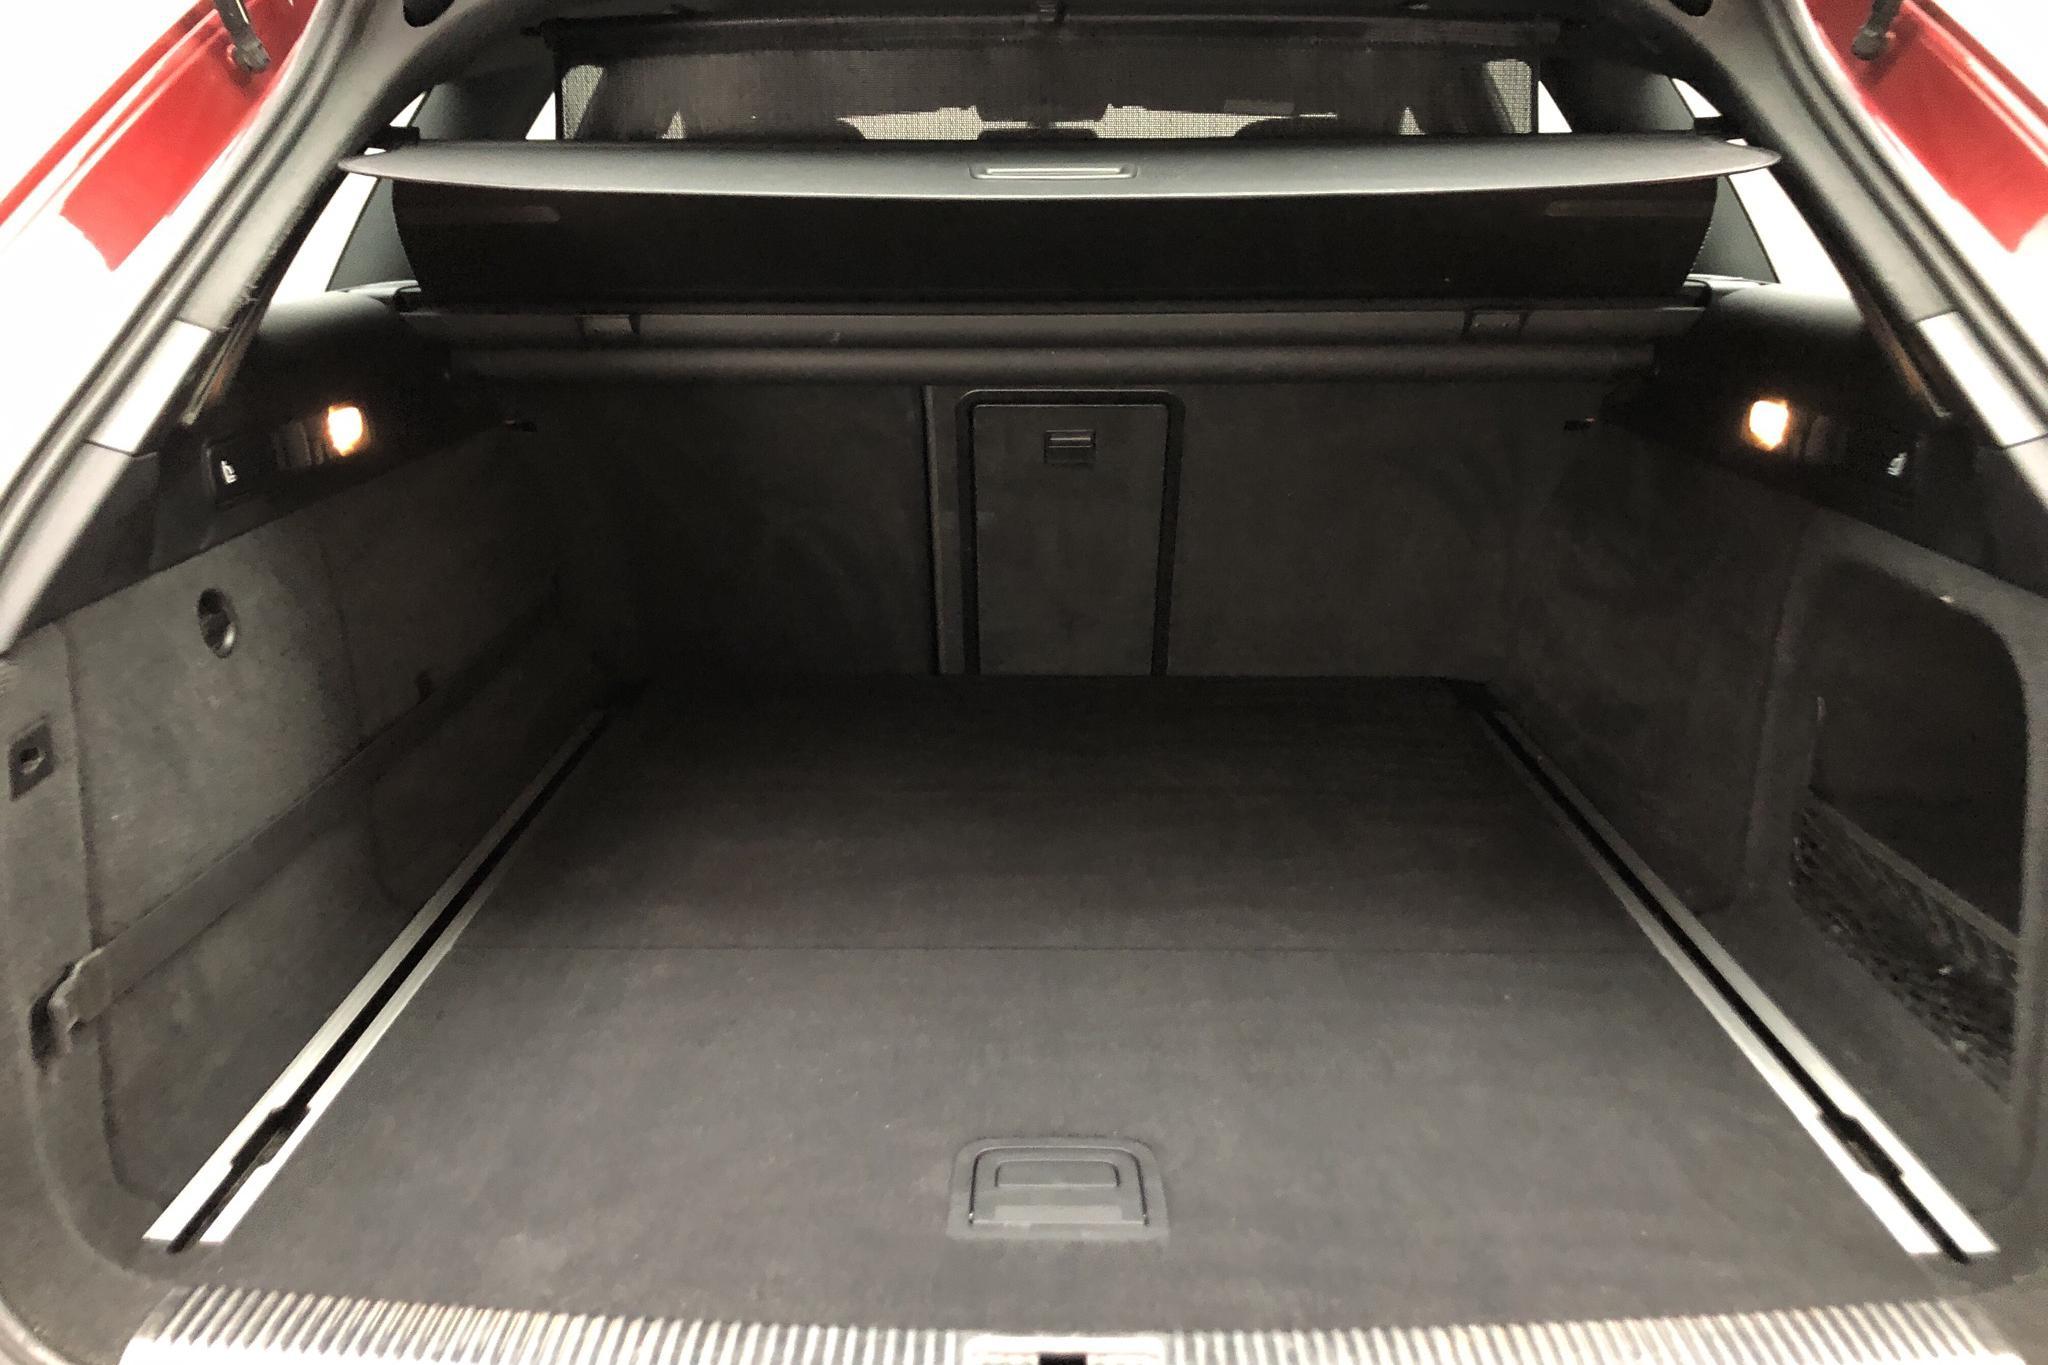 Audi A6 Allroad 3.0 TDI quattro (218hk) - 13 081 mil - Automat - röd - 2016